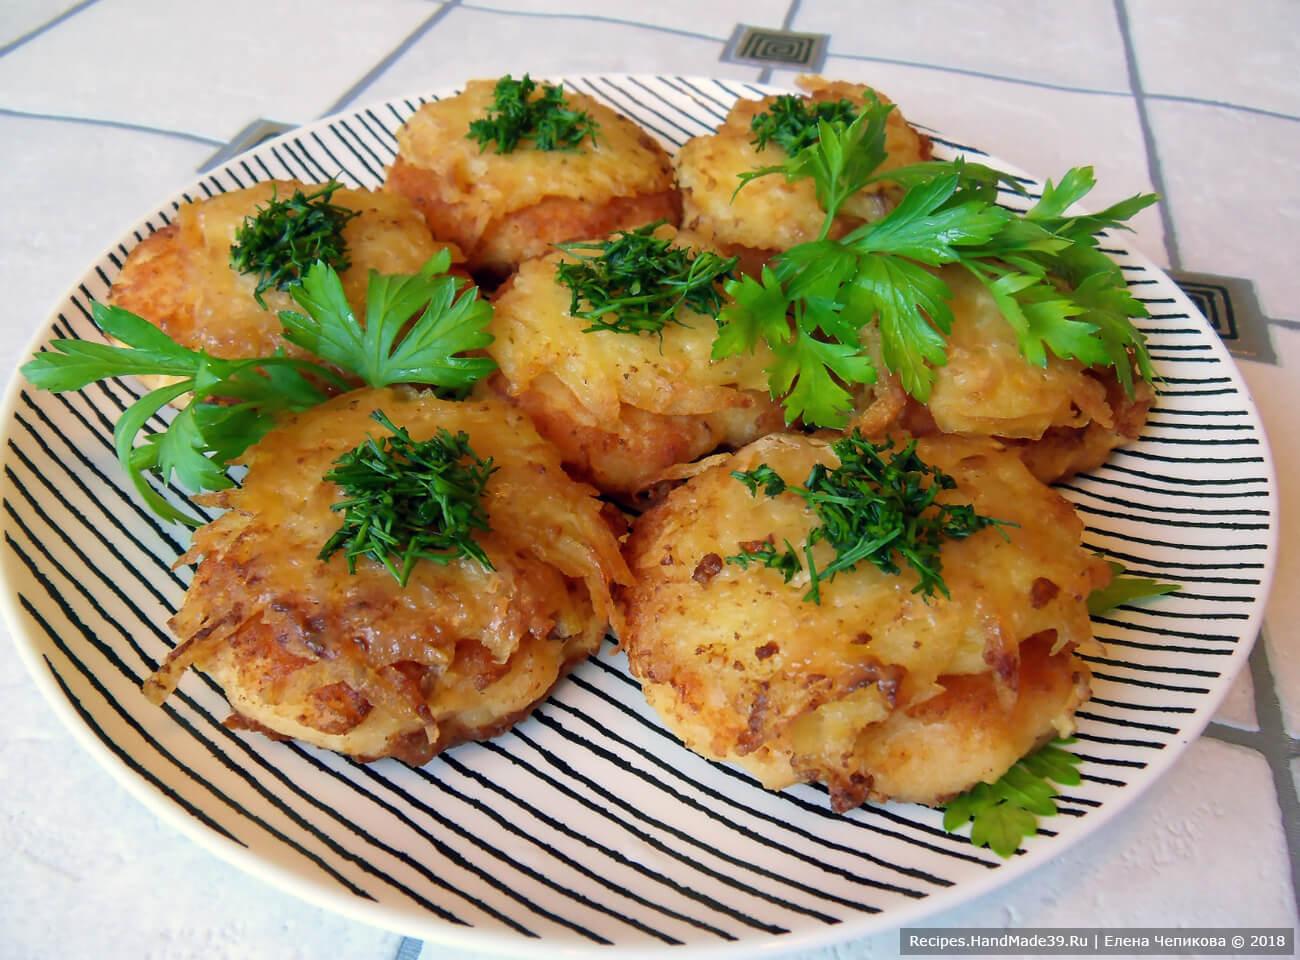 Двухслойные рыбные котлеты с картофельной «шапкой» – пошаговый кулинарный рецепт с фото